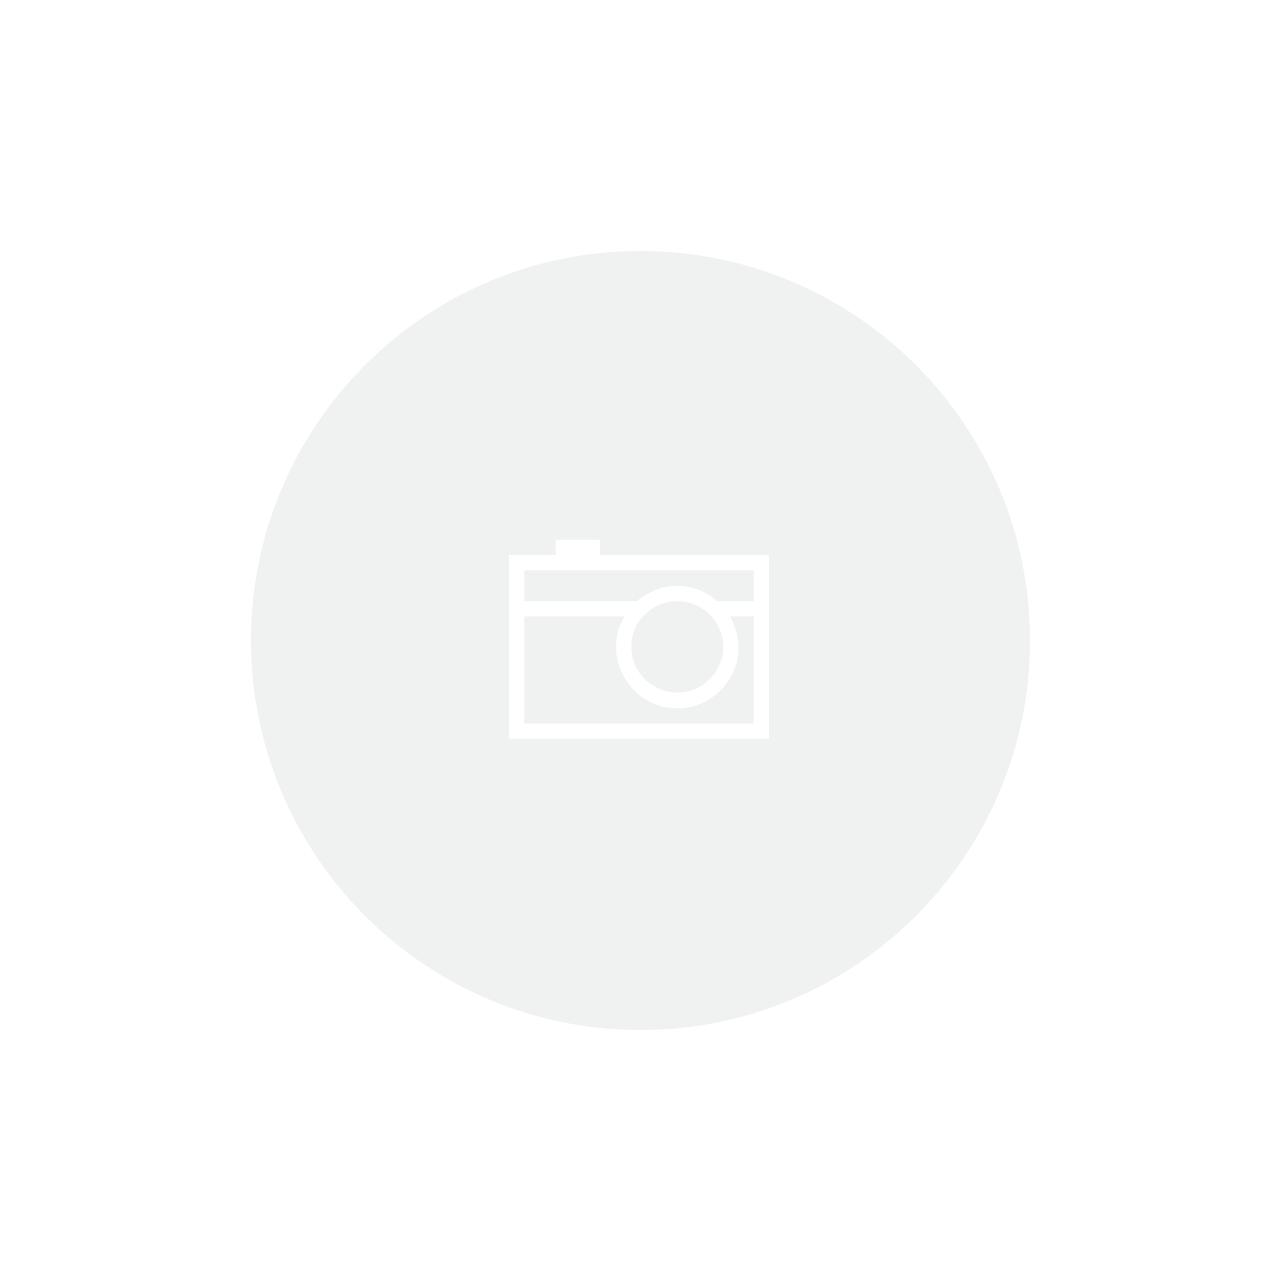 Kit Completo BMW / MINI - (2009 à 2012) - Desbloqueio do DVD Original + Câmera de Ré + TV Full HD + USB + Espelhamento